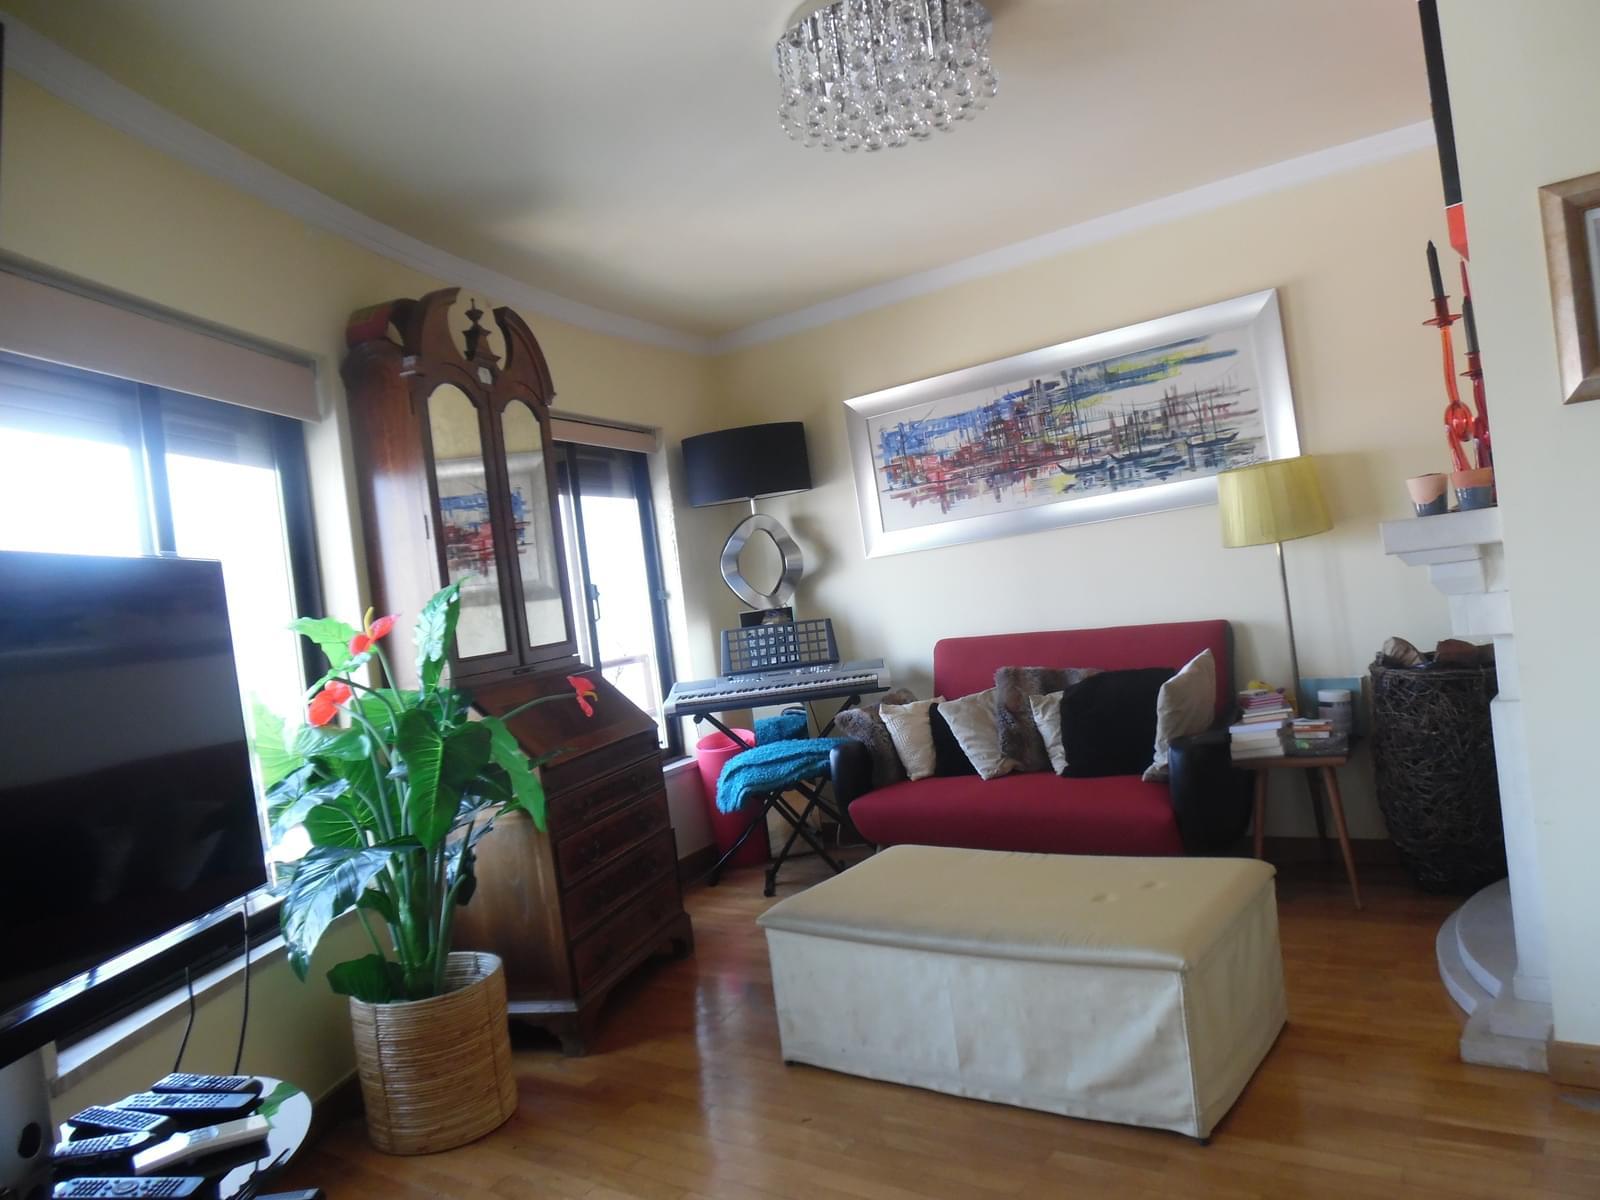 pf17977-apartamento-t2-lisboa-3105d73d-f9bc-4500-9f5f-6705e6834b72